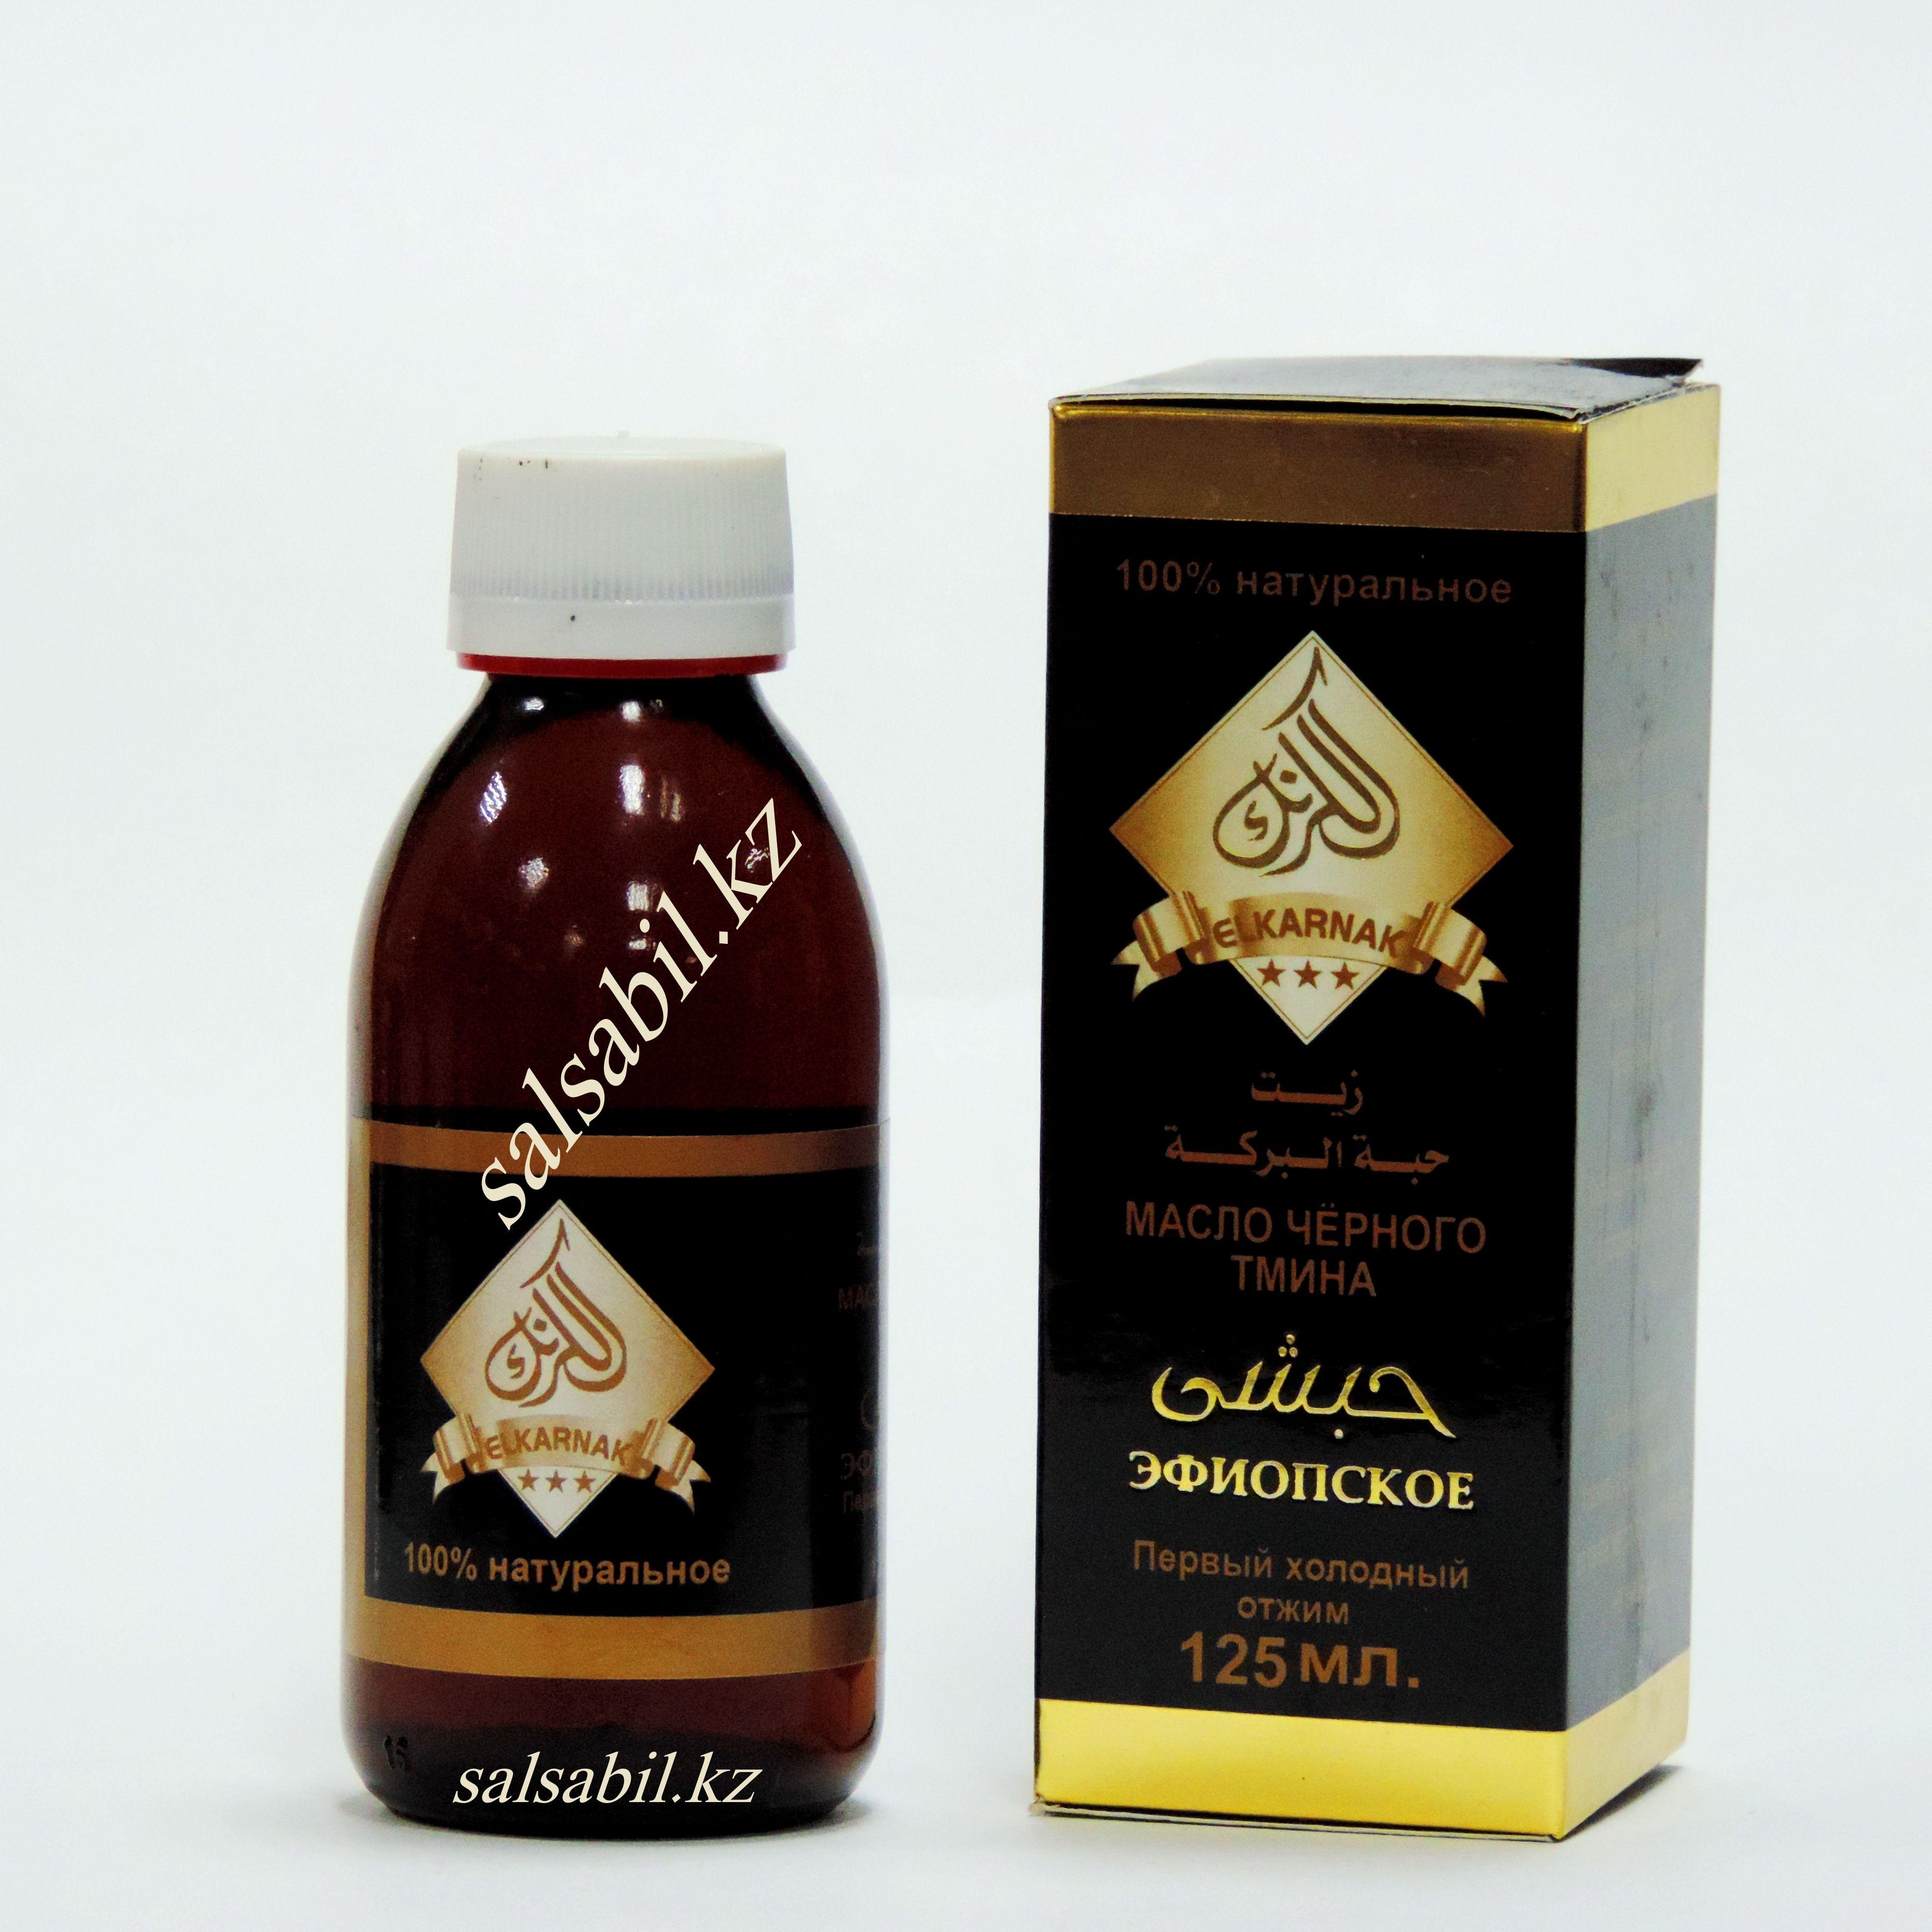 Масло Черного тмина Эфиопское El Karnak ФОТО